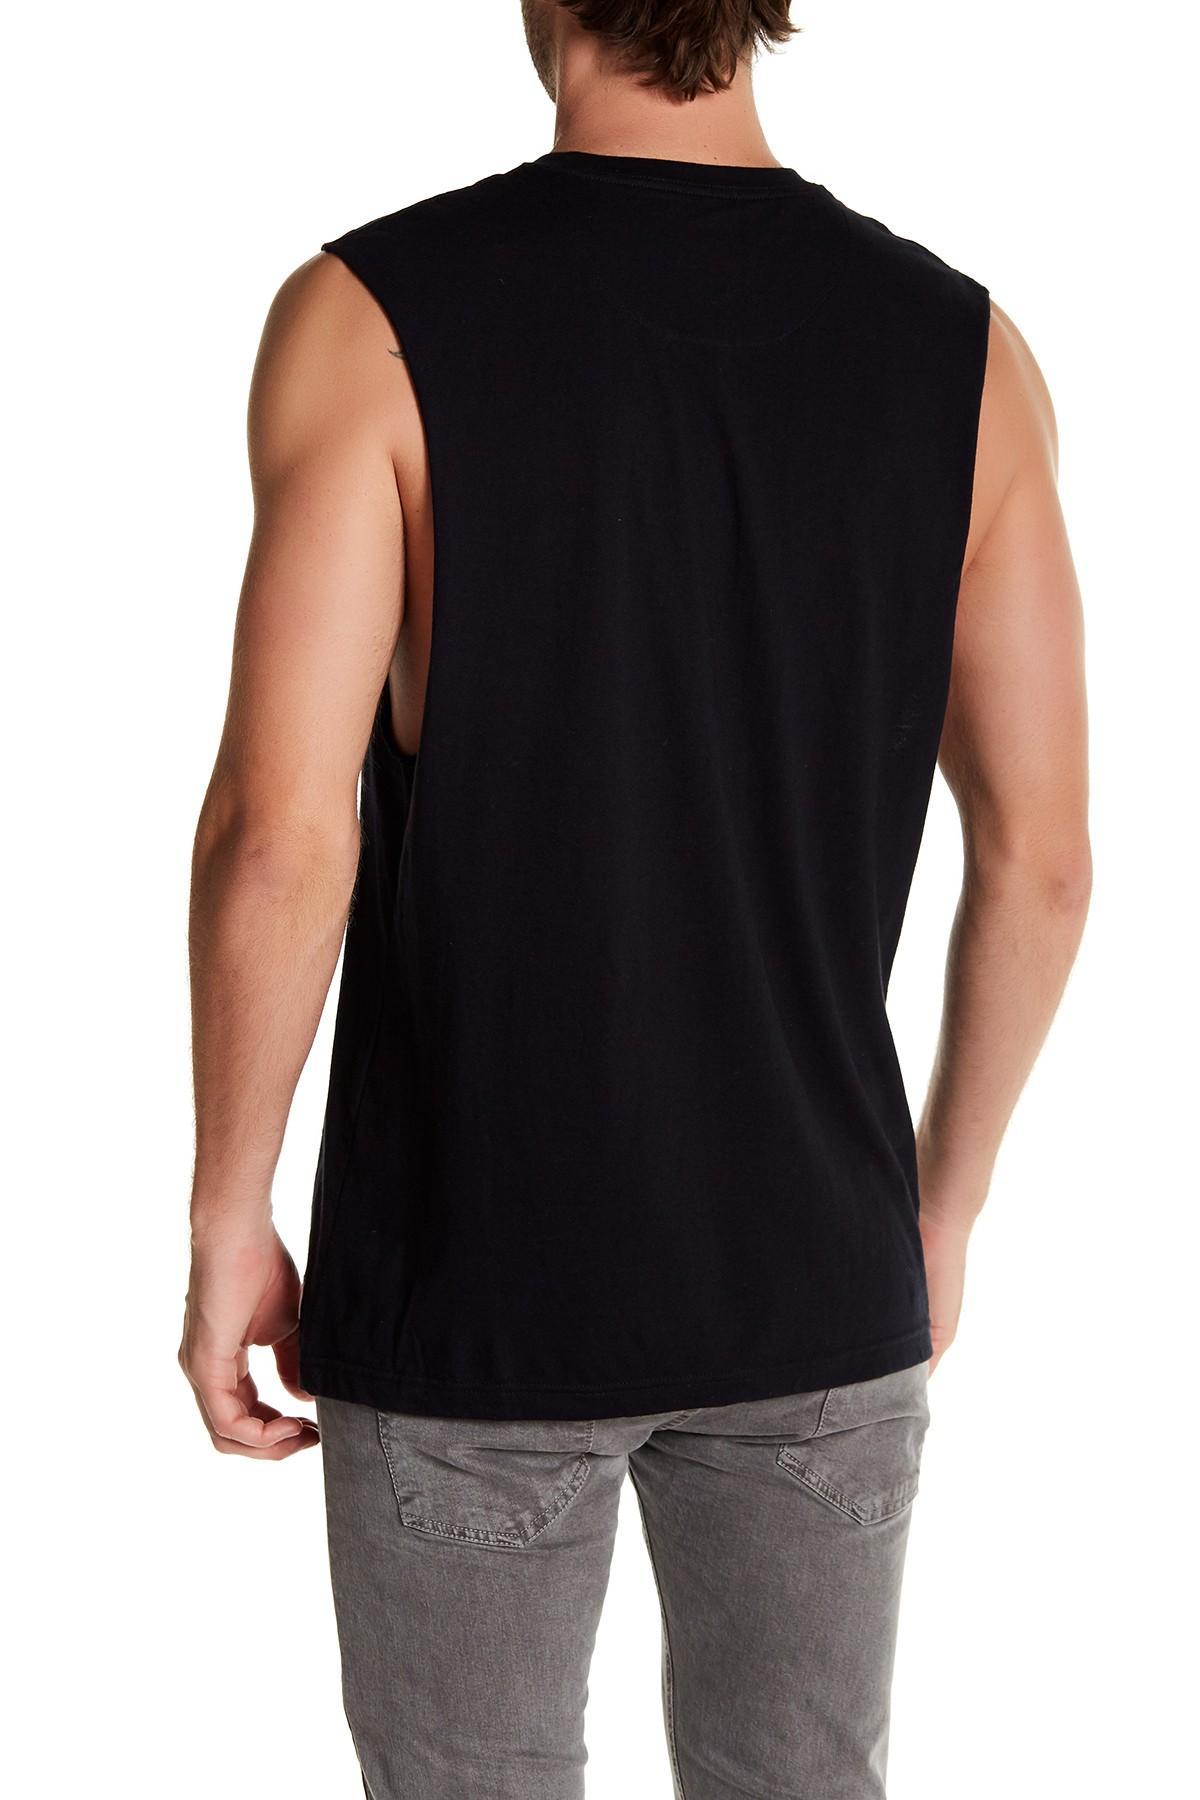 Nba Muscle Shirts For Men 30